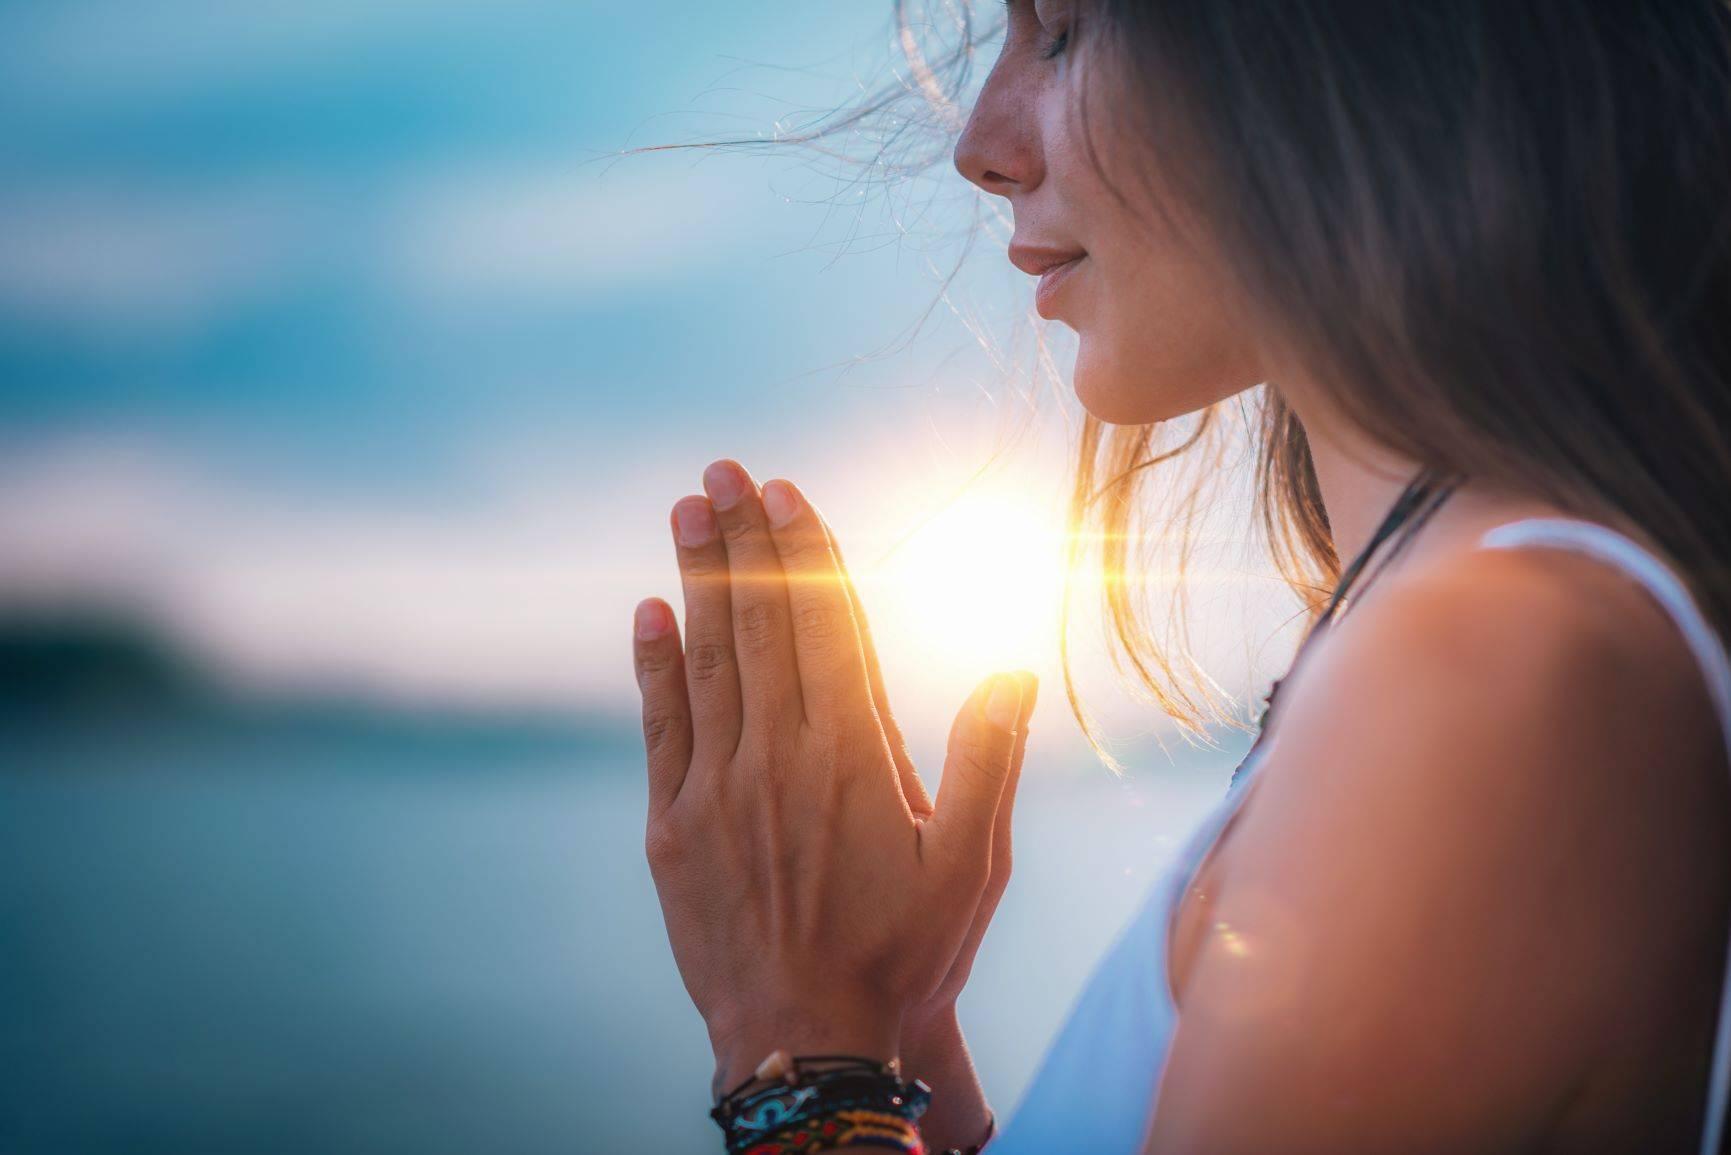 Jakie są korzyści duchowe z medytacji? Kobieta medytuje nad wodą.